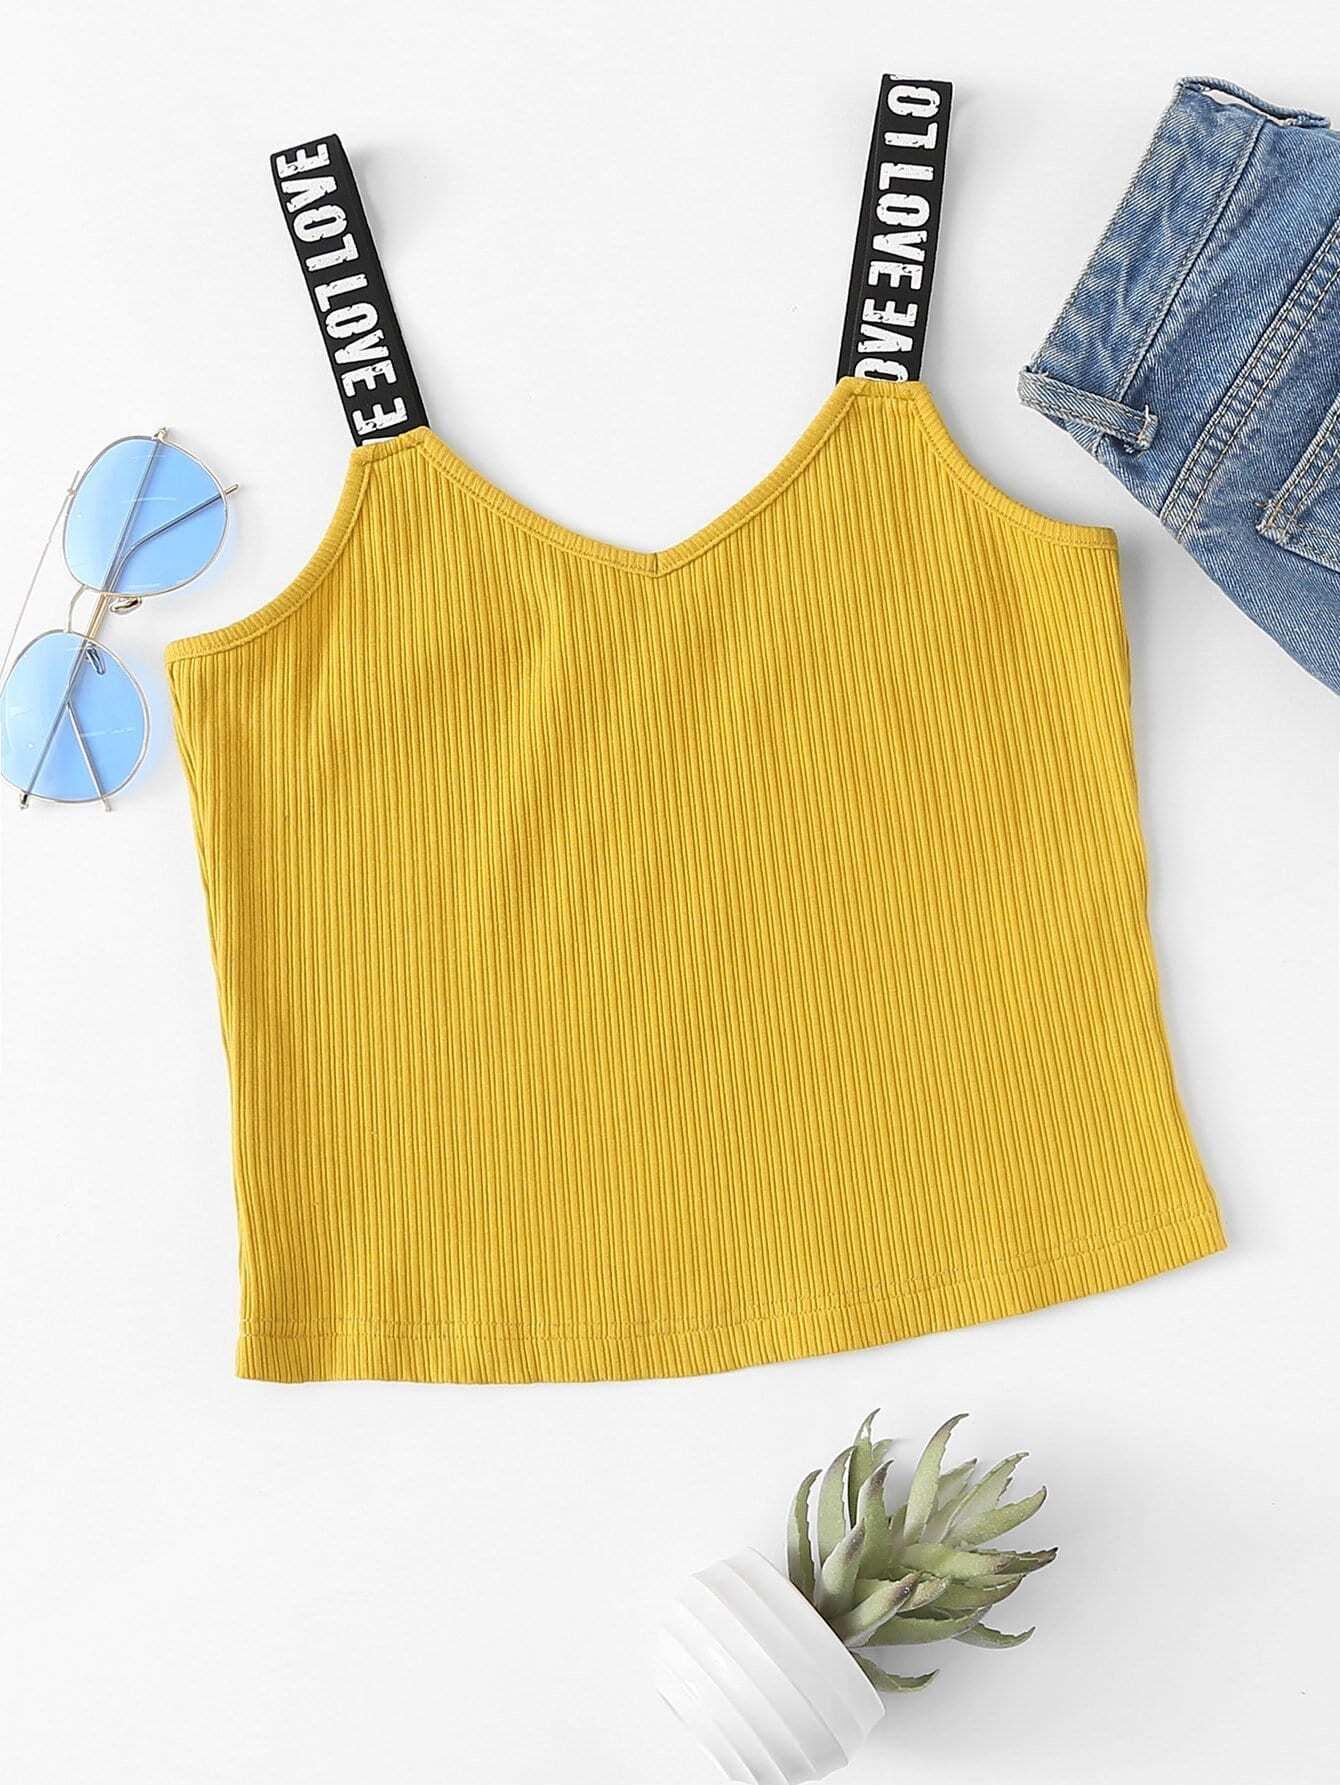 Rib Knit Printed Thick Strap Cami Top rib knit tank top